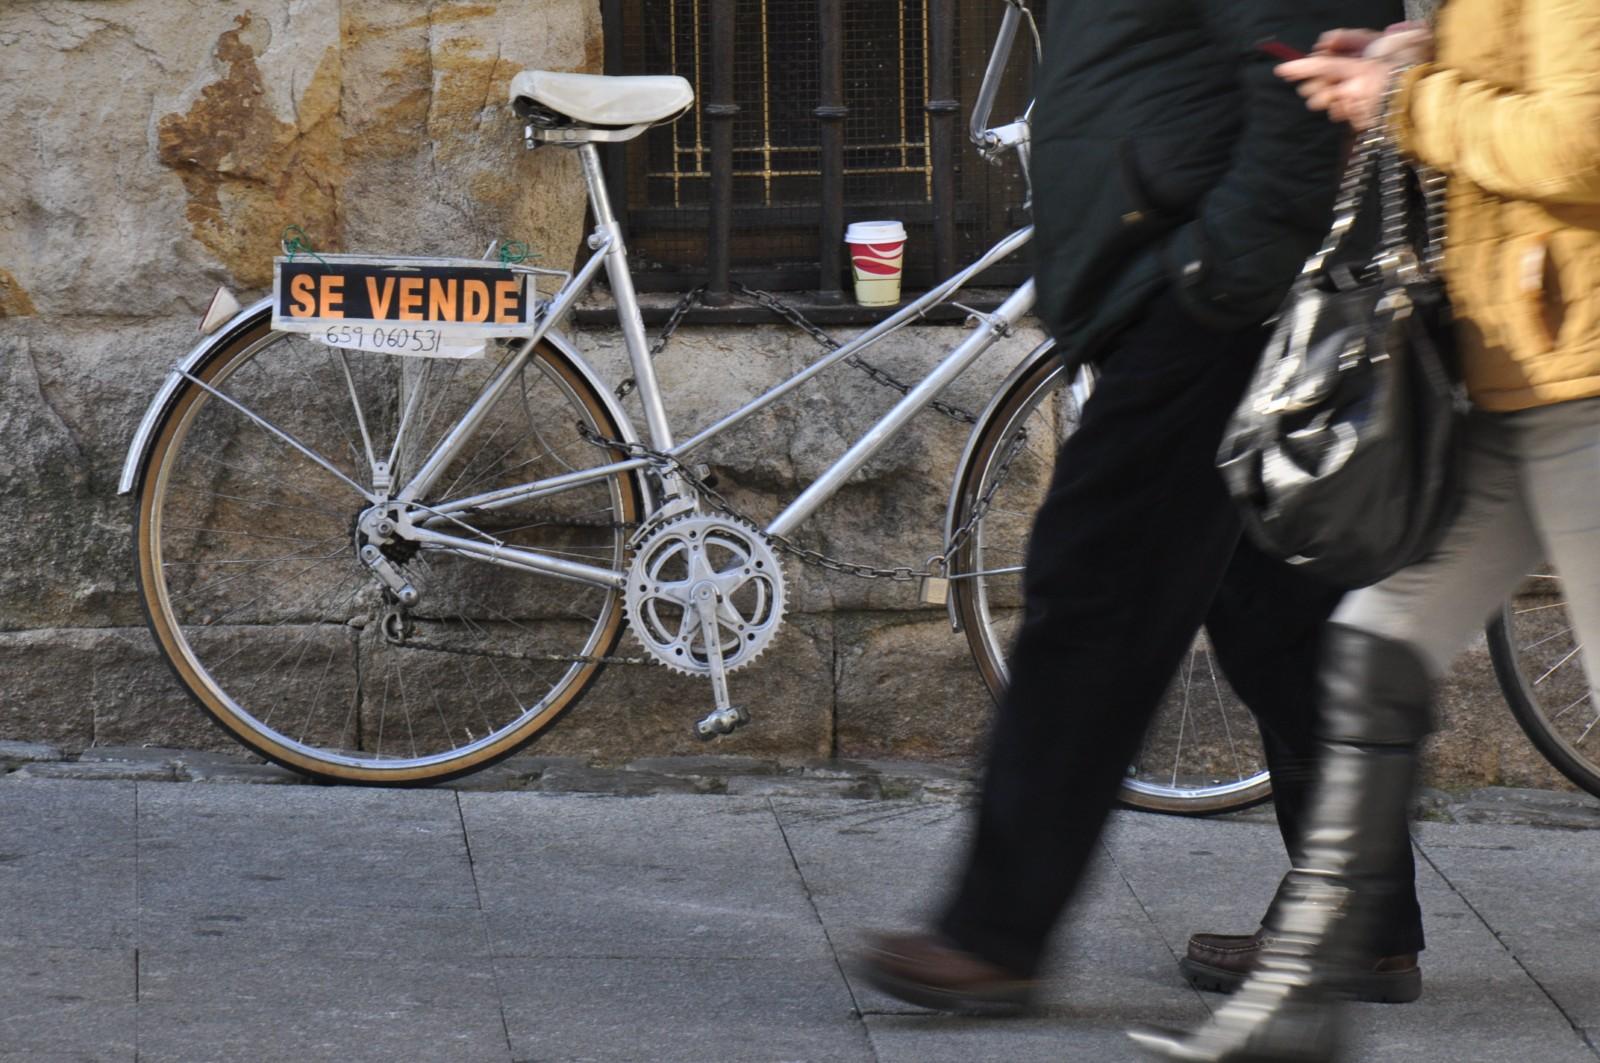 Salamanca En Bici Bicicletas De Segunda Mano En Salamanca ~ Bicicletas Segunda Mano Salamanca